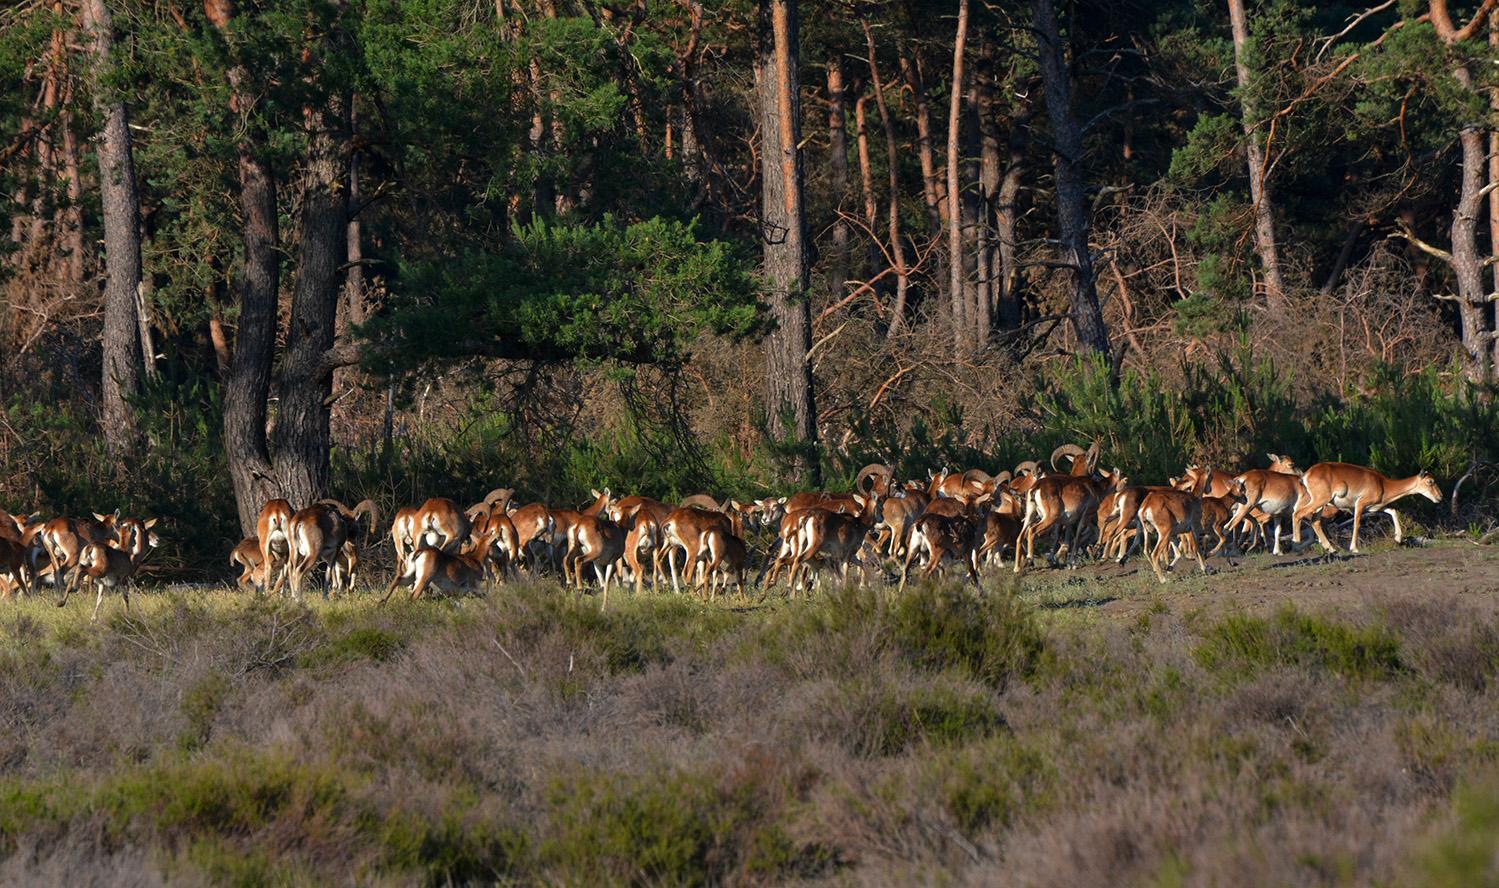 Ineens waren ze er... een kudde van wel honderd stuks moeflons - Foto: ©Florus van den Berg